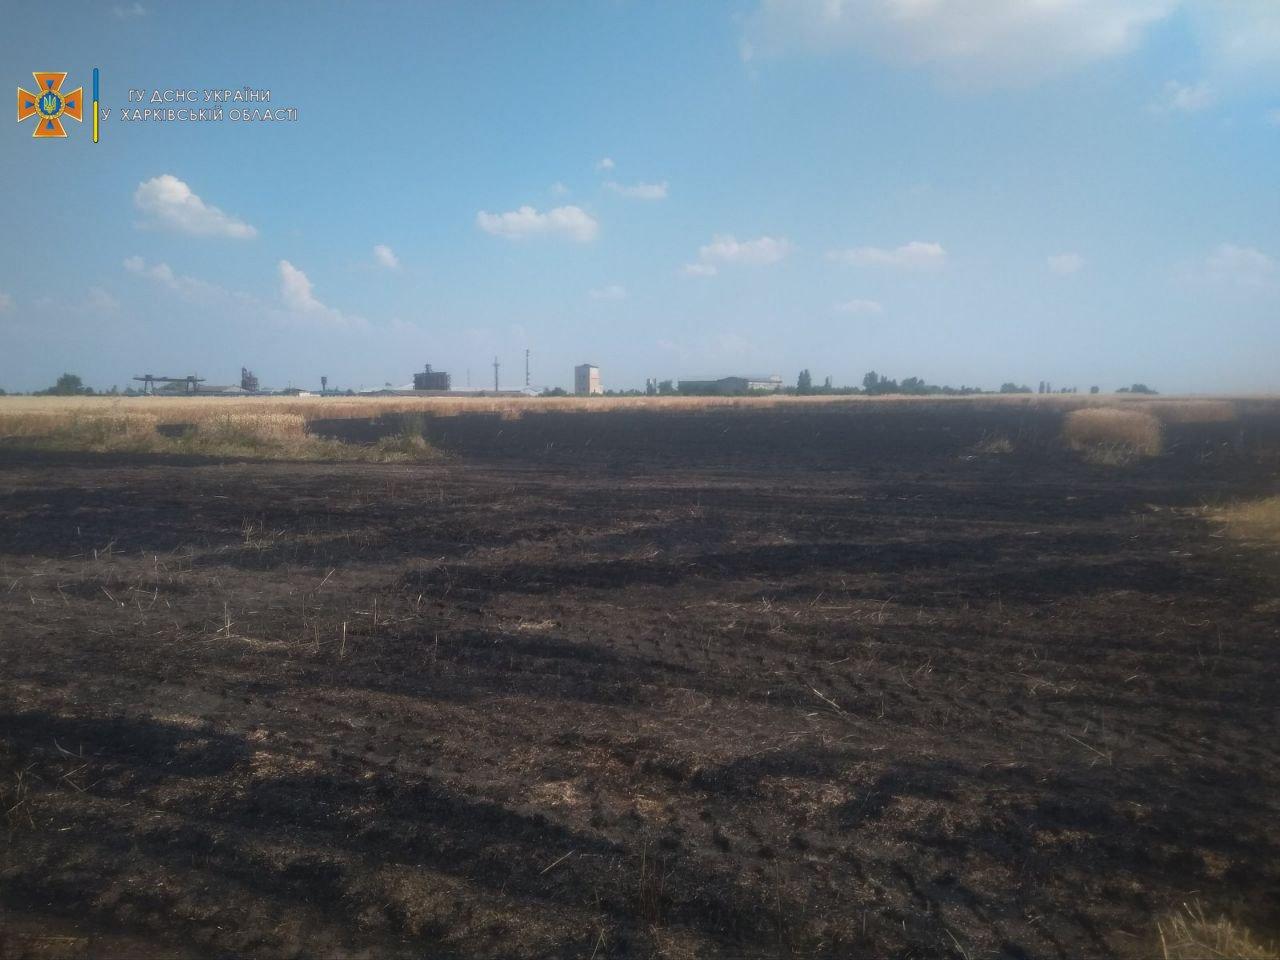 В Харьковской области спасатели не дали сгореть сотне гектар пшеничного поля, - ФОТО, фото-1